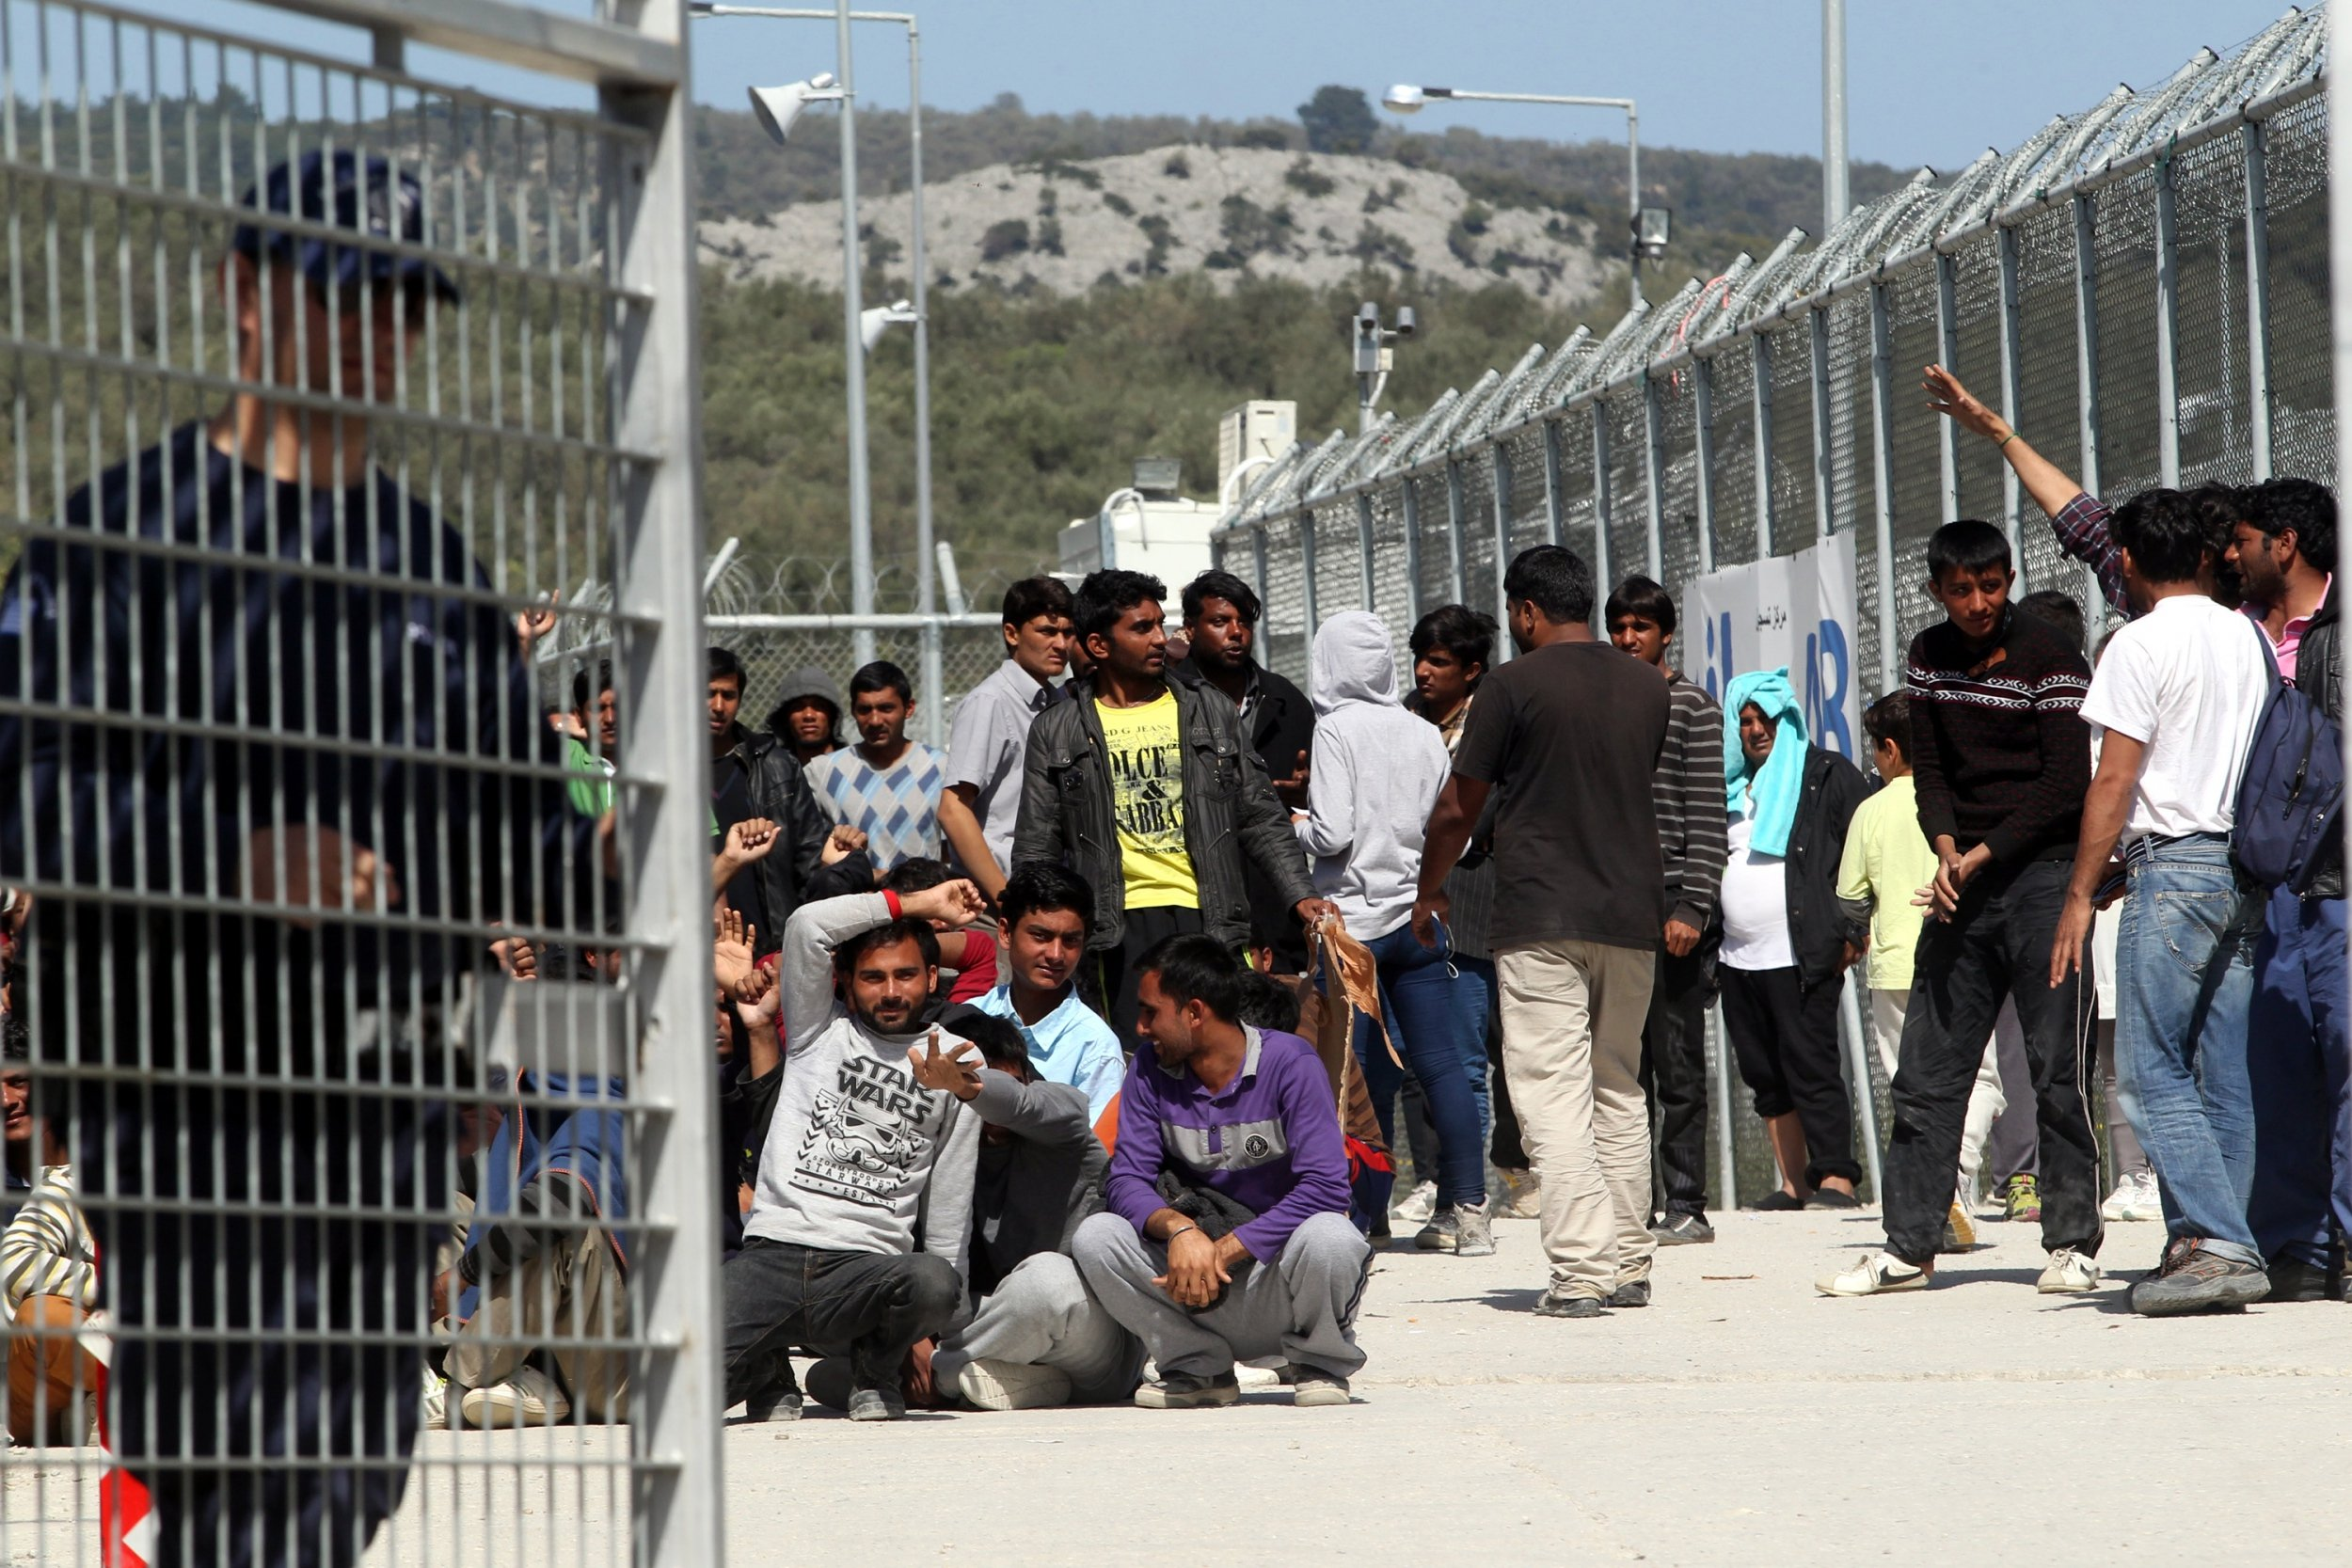 Εξακολουθούν να είναι υπεράριθμοι οι μετανάστες που παραμένουν στις δομές του Στρατού!